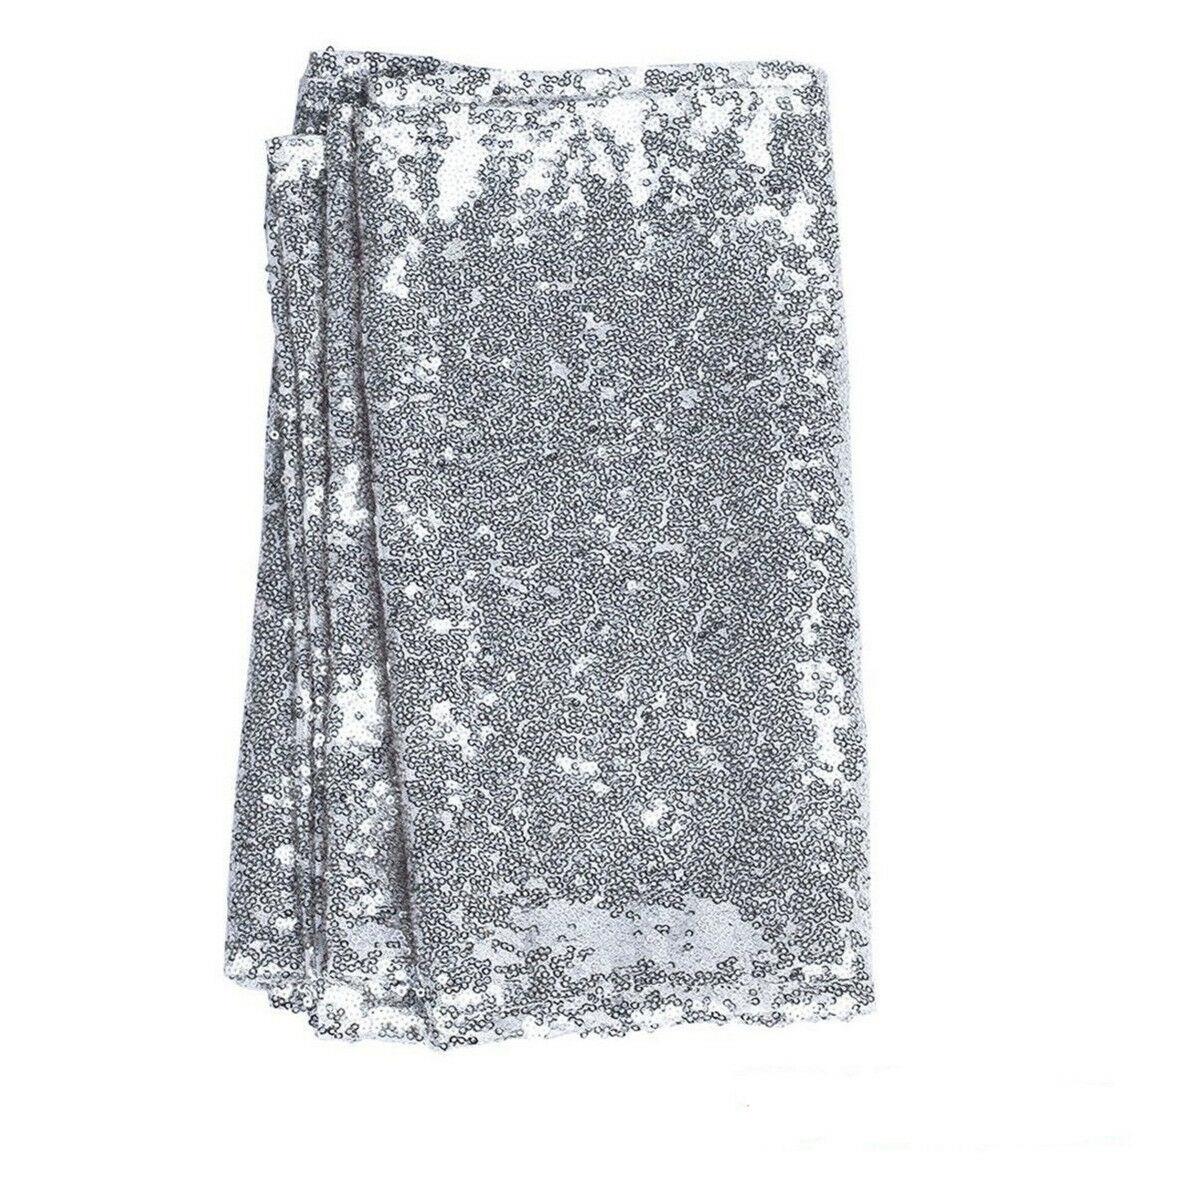 12-034-x72-039-039-108-034-118-034-Sparkle-Paillettes-Table-Runner-Tissu-Mariage-Banquet-Fete-Decor miniature 22